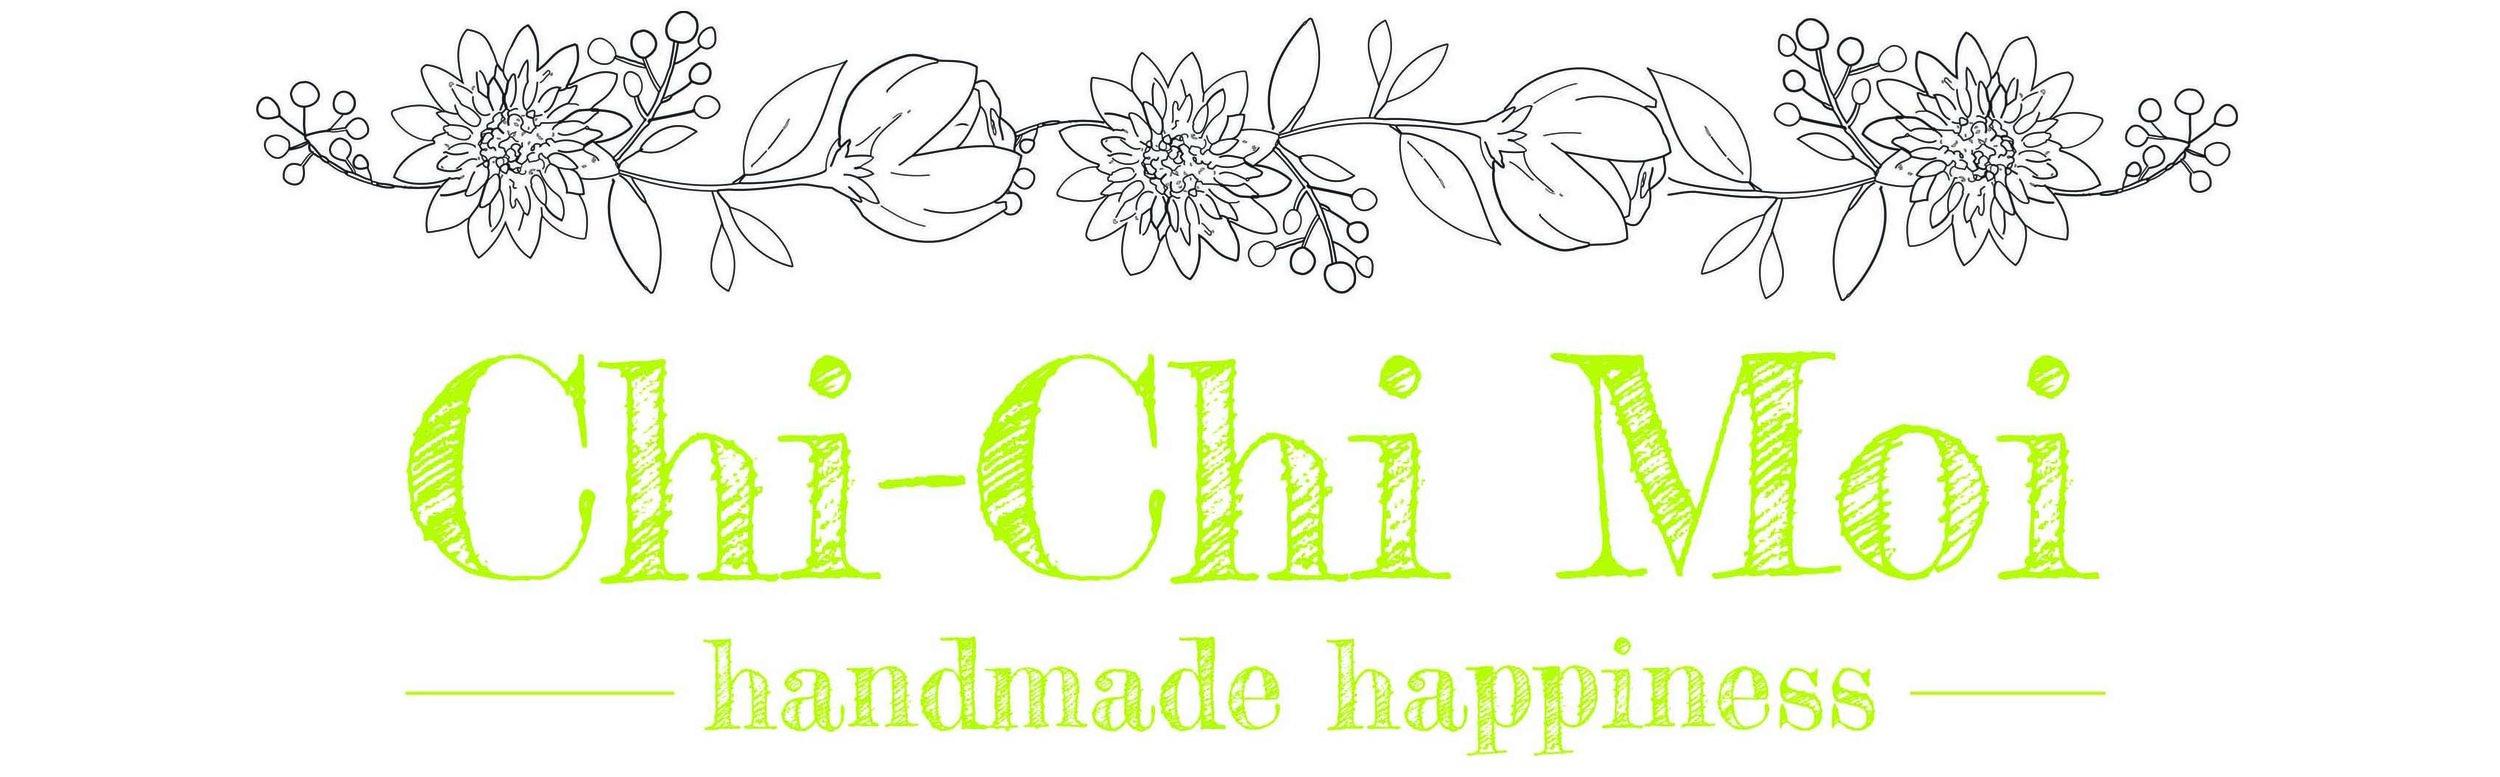 Chi Chi Moi Floral Letter Header